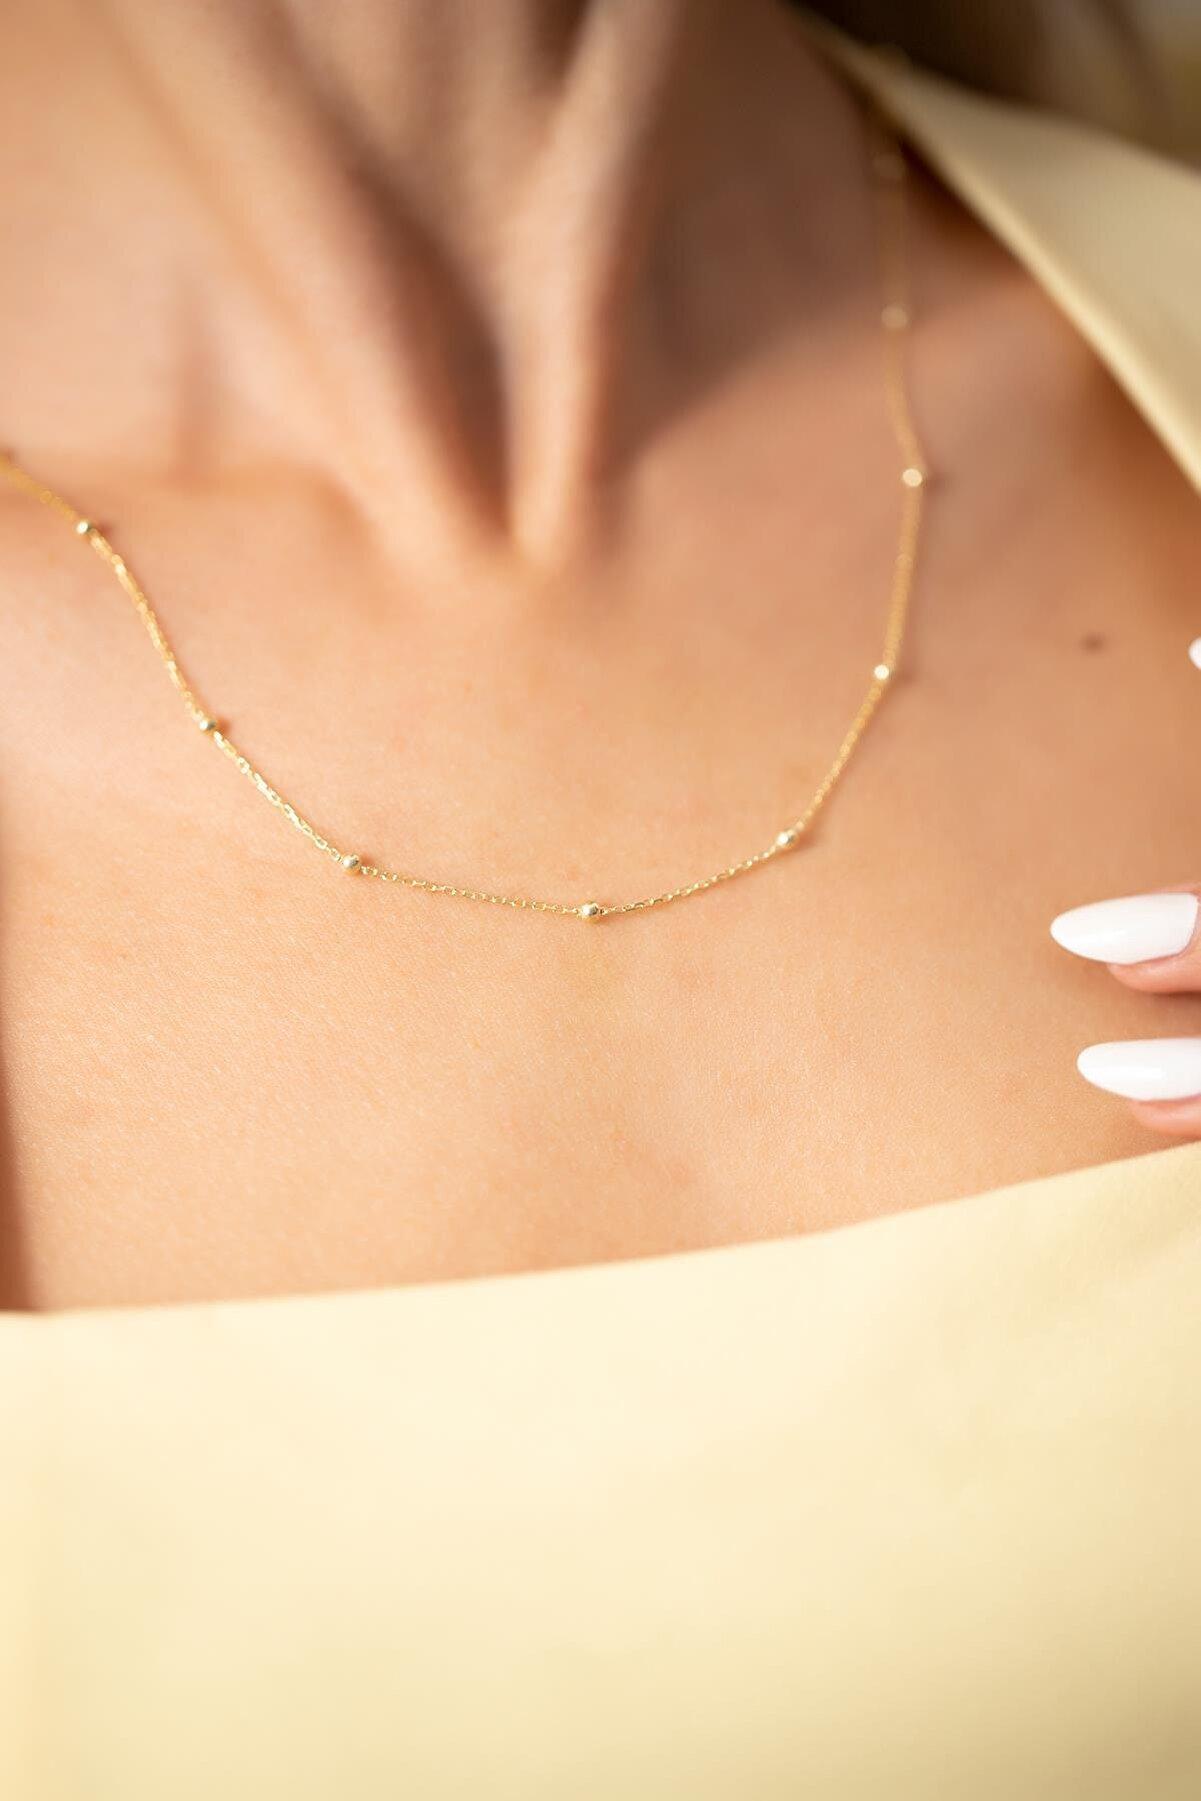 Ninova Silver Toplu Model Altın Kaplama Gümüş Kolye